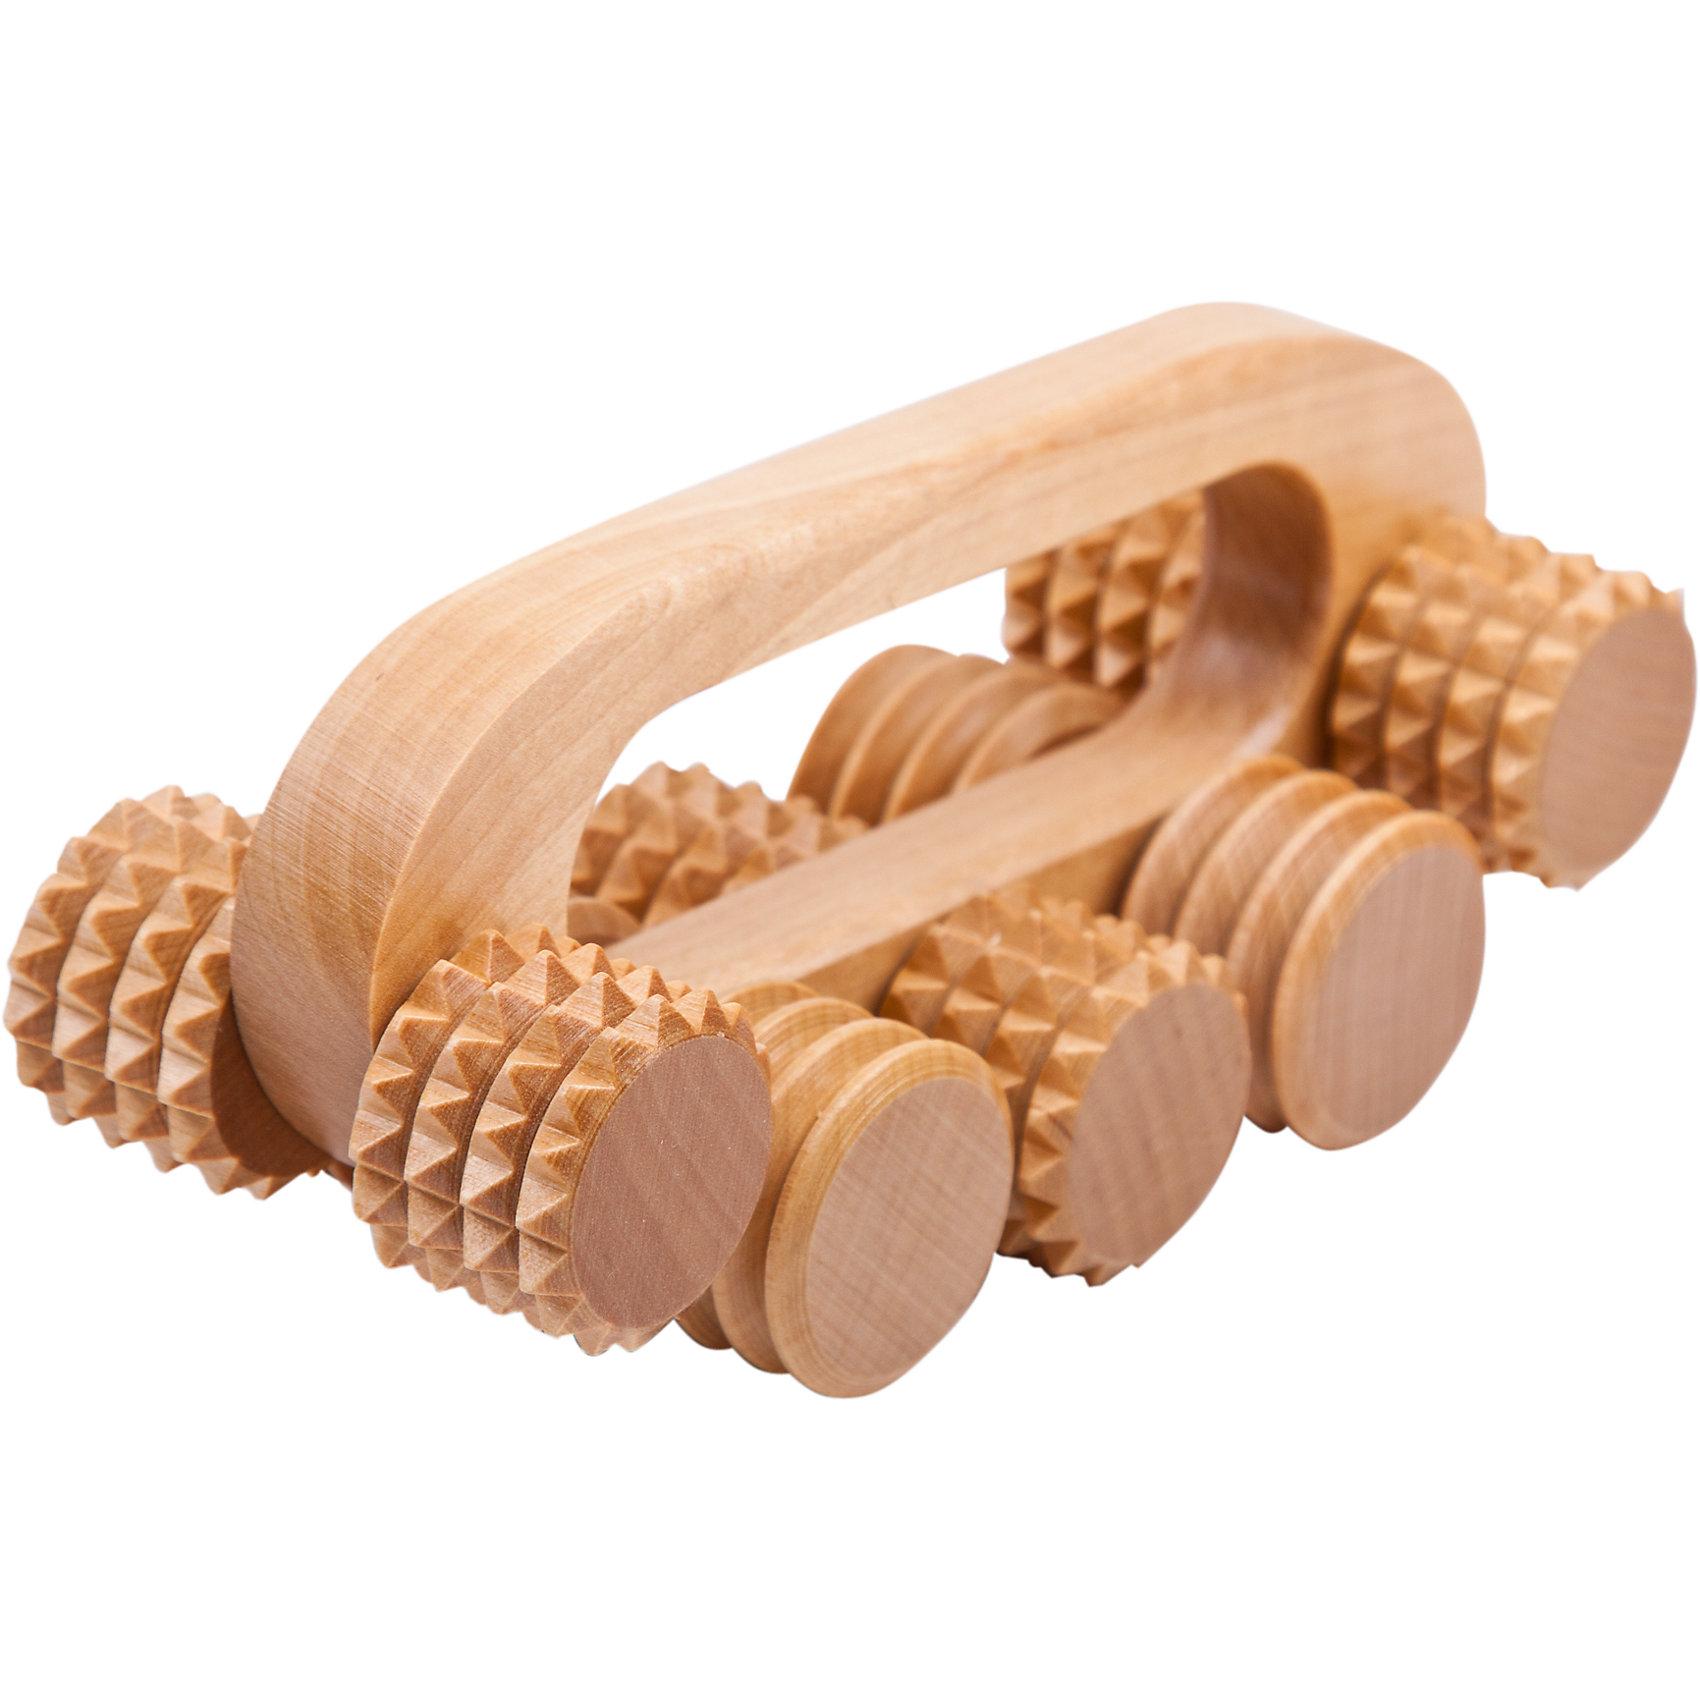 Массажер Качалка, ТимбэОсновные характеристики<br><br>Размер: 64*162*162мм<br>Материал: береза<br>Цвет: натуральная древесина<br>Страна-производитель: Россия<br>Упаковка: пакет с европодвесом<br><br>Массажер позволяет проводить как классический, так и точечный массаж. Использование массажеров с деревянными валиками позволяет сочетать массаж с аромотерапией.<br><br>Ширина мм: 160<br>Глубина мм: 60<br>Высота мм: 80<br>Вес г: 164<br>Возраст от месяцев: 36<br>Возраст до месяцев: 192<br>Пол: Унисекс<br>Возраст: Детский<br>SKU: 5056623